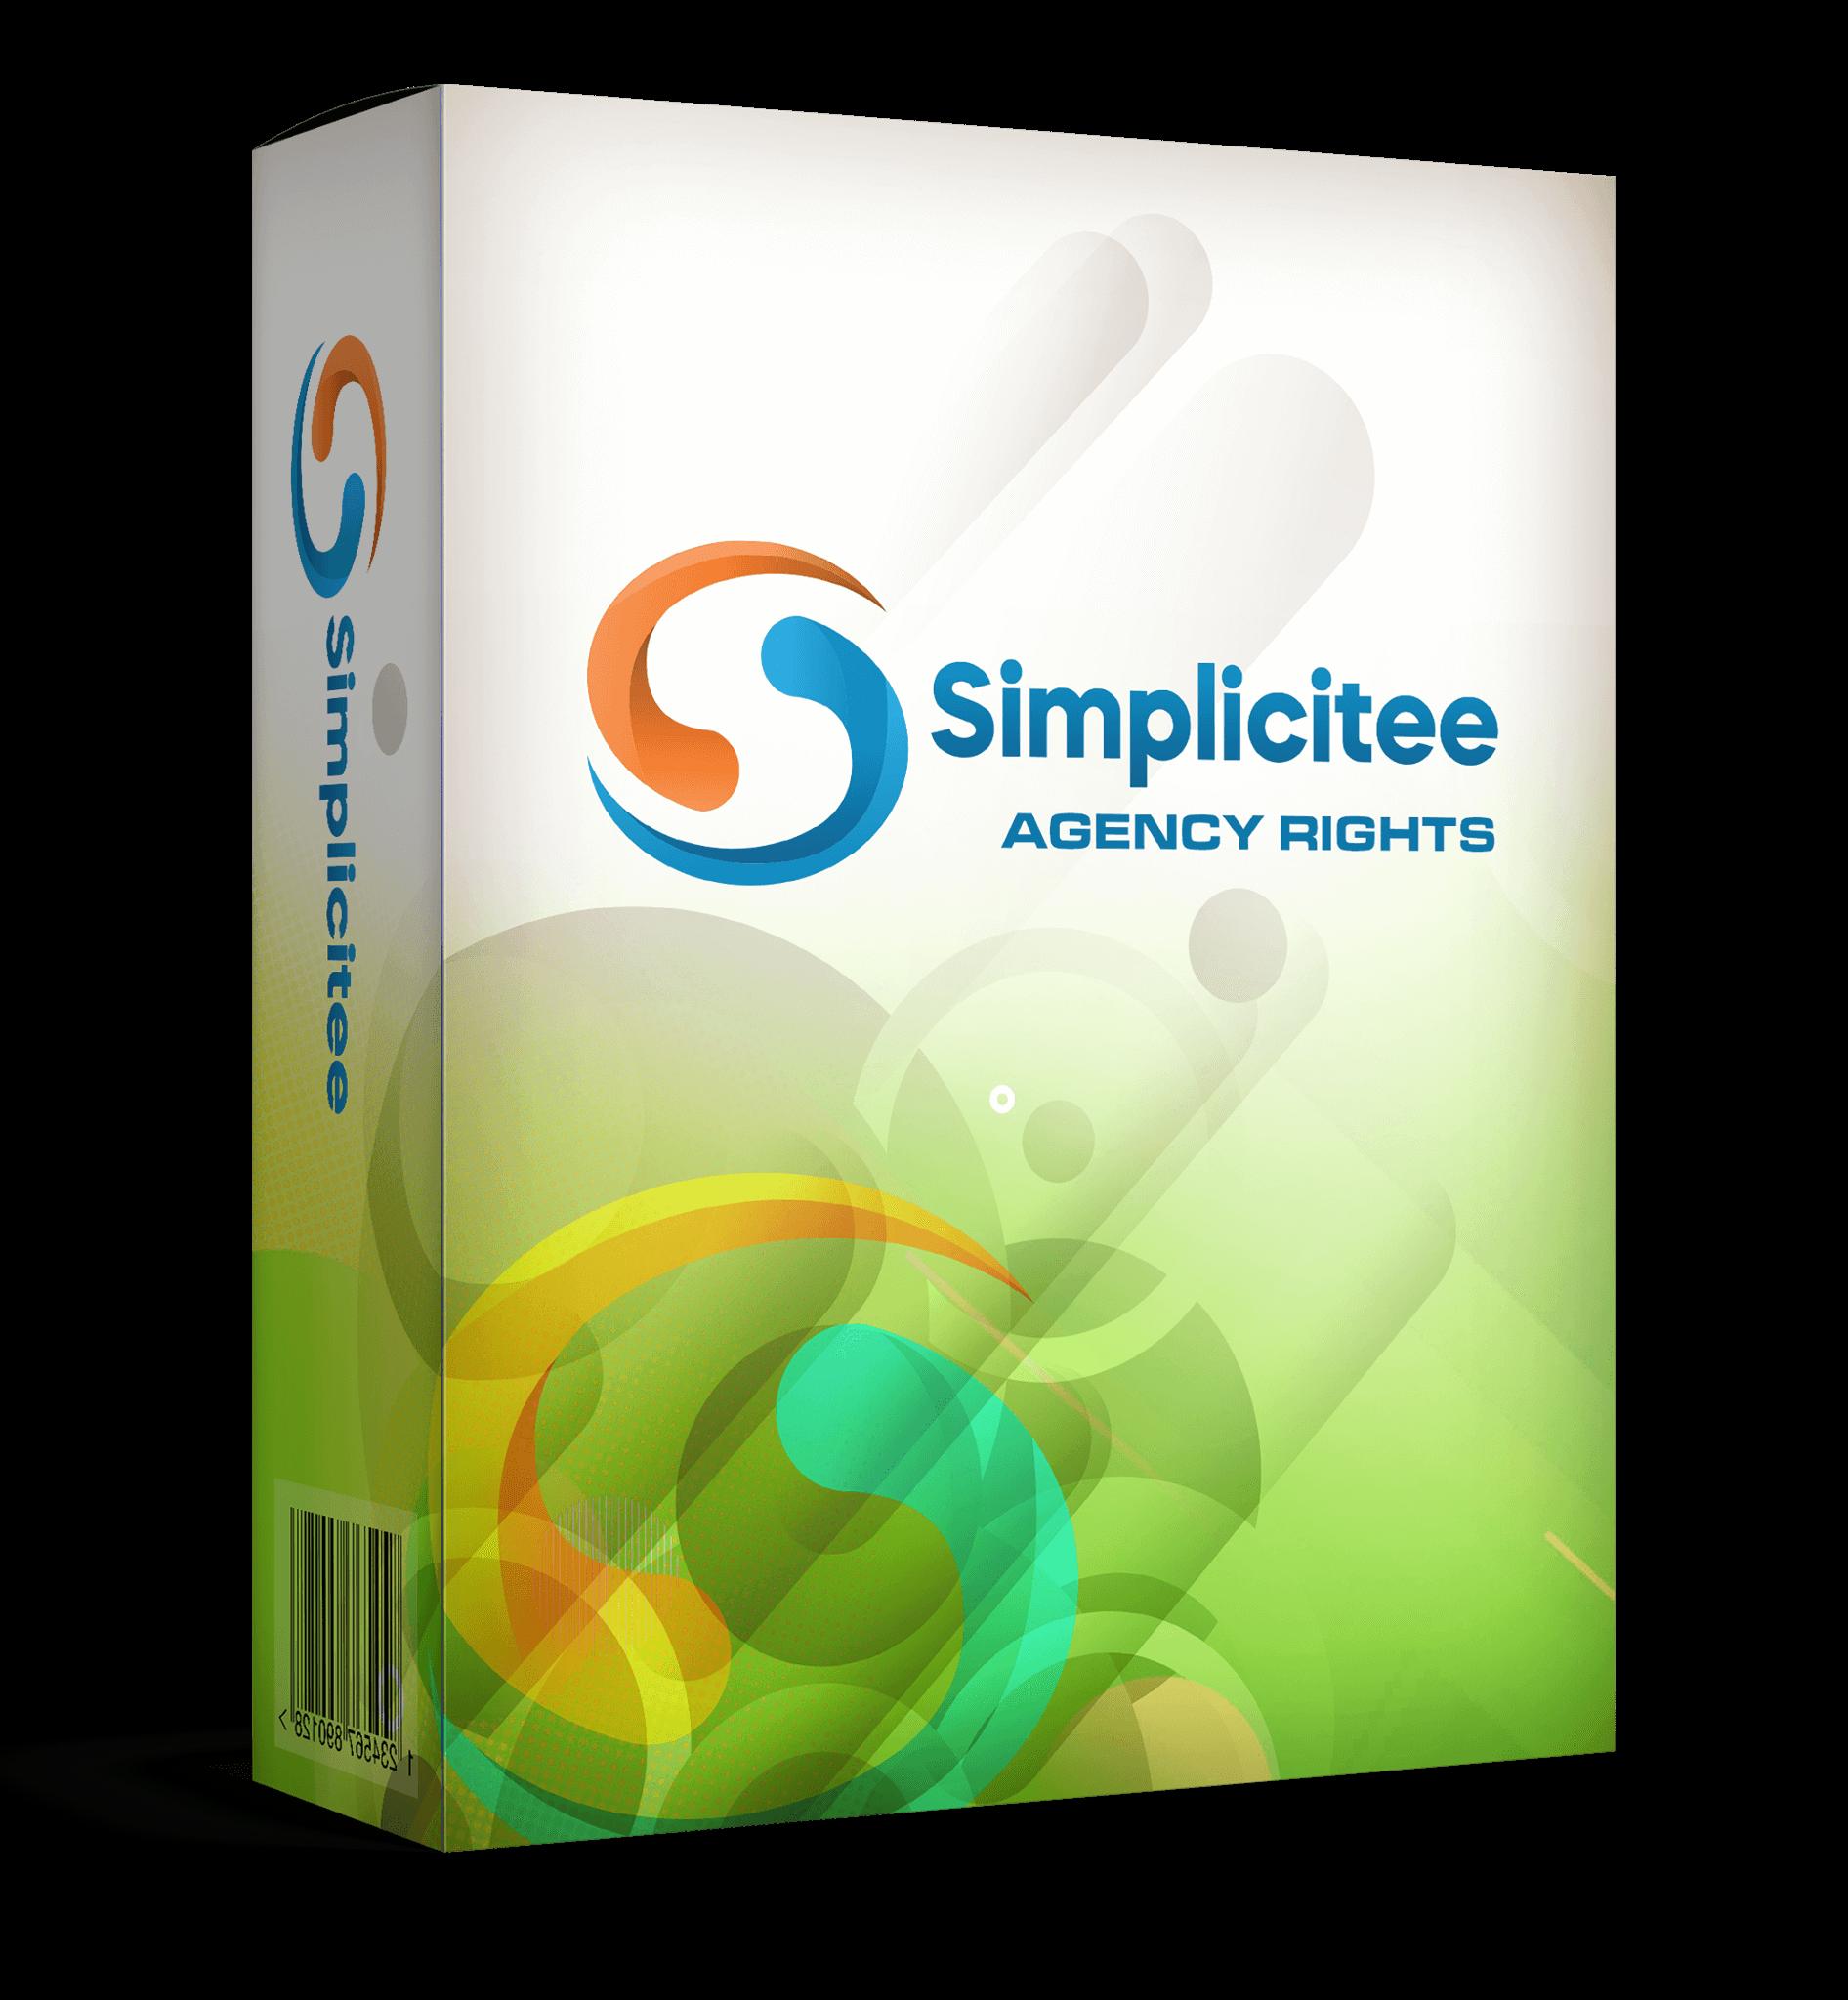 Simplicitee-oto-6